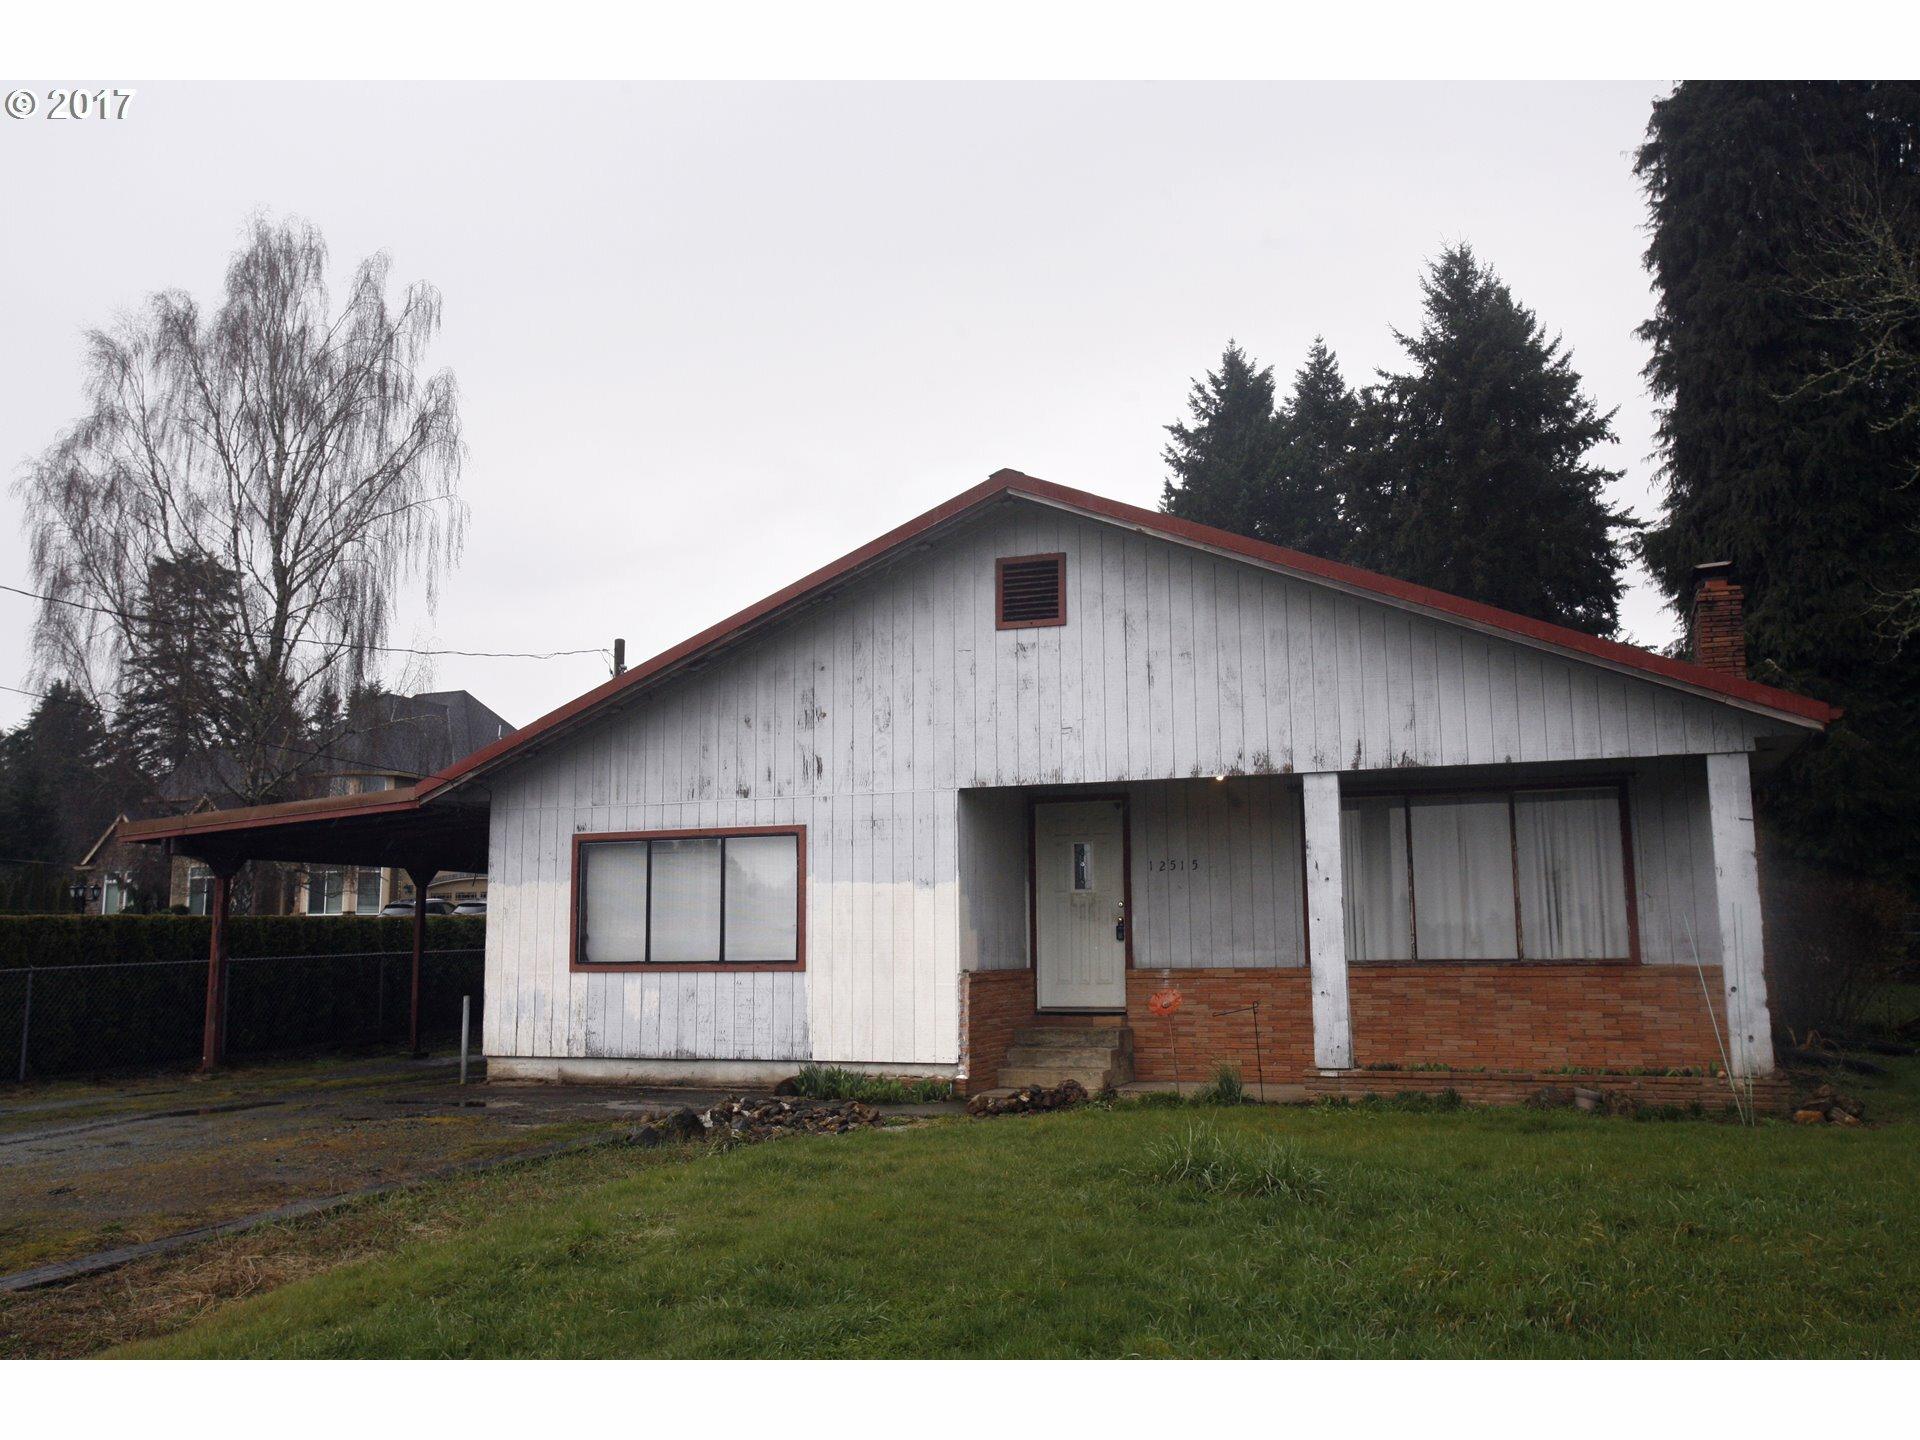 12515 Ne 50th Ave, Vancouver, WA - USA (photo 1)